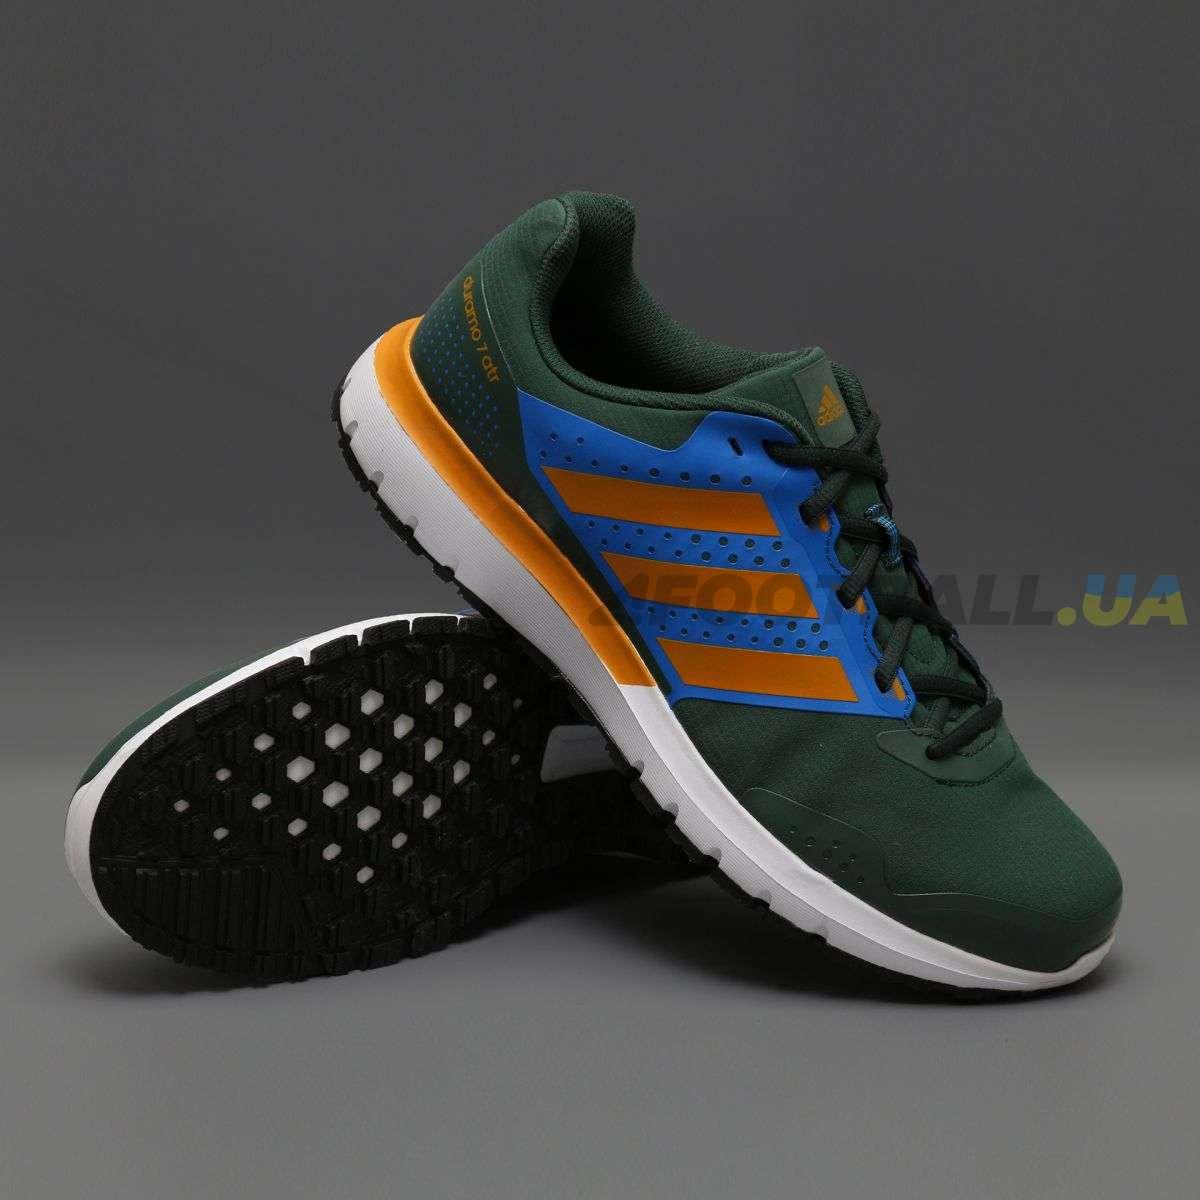 a52ff0d91ffc Кроссовки Adidas DURAMO 7   S78317 — купить в интернет магазине ...